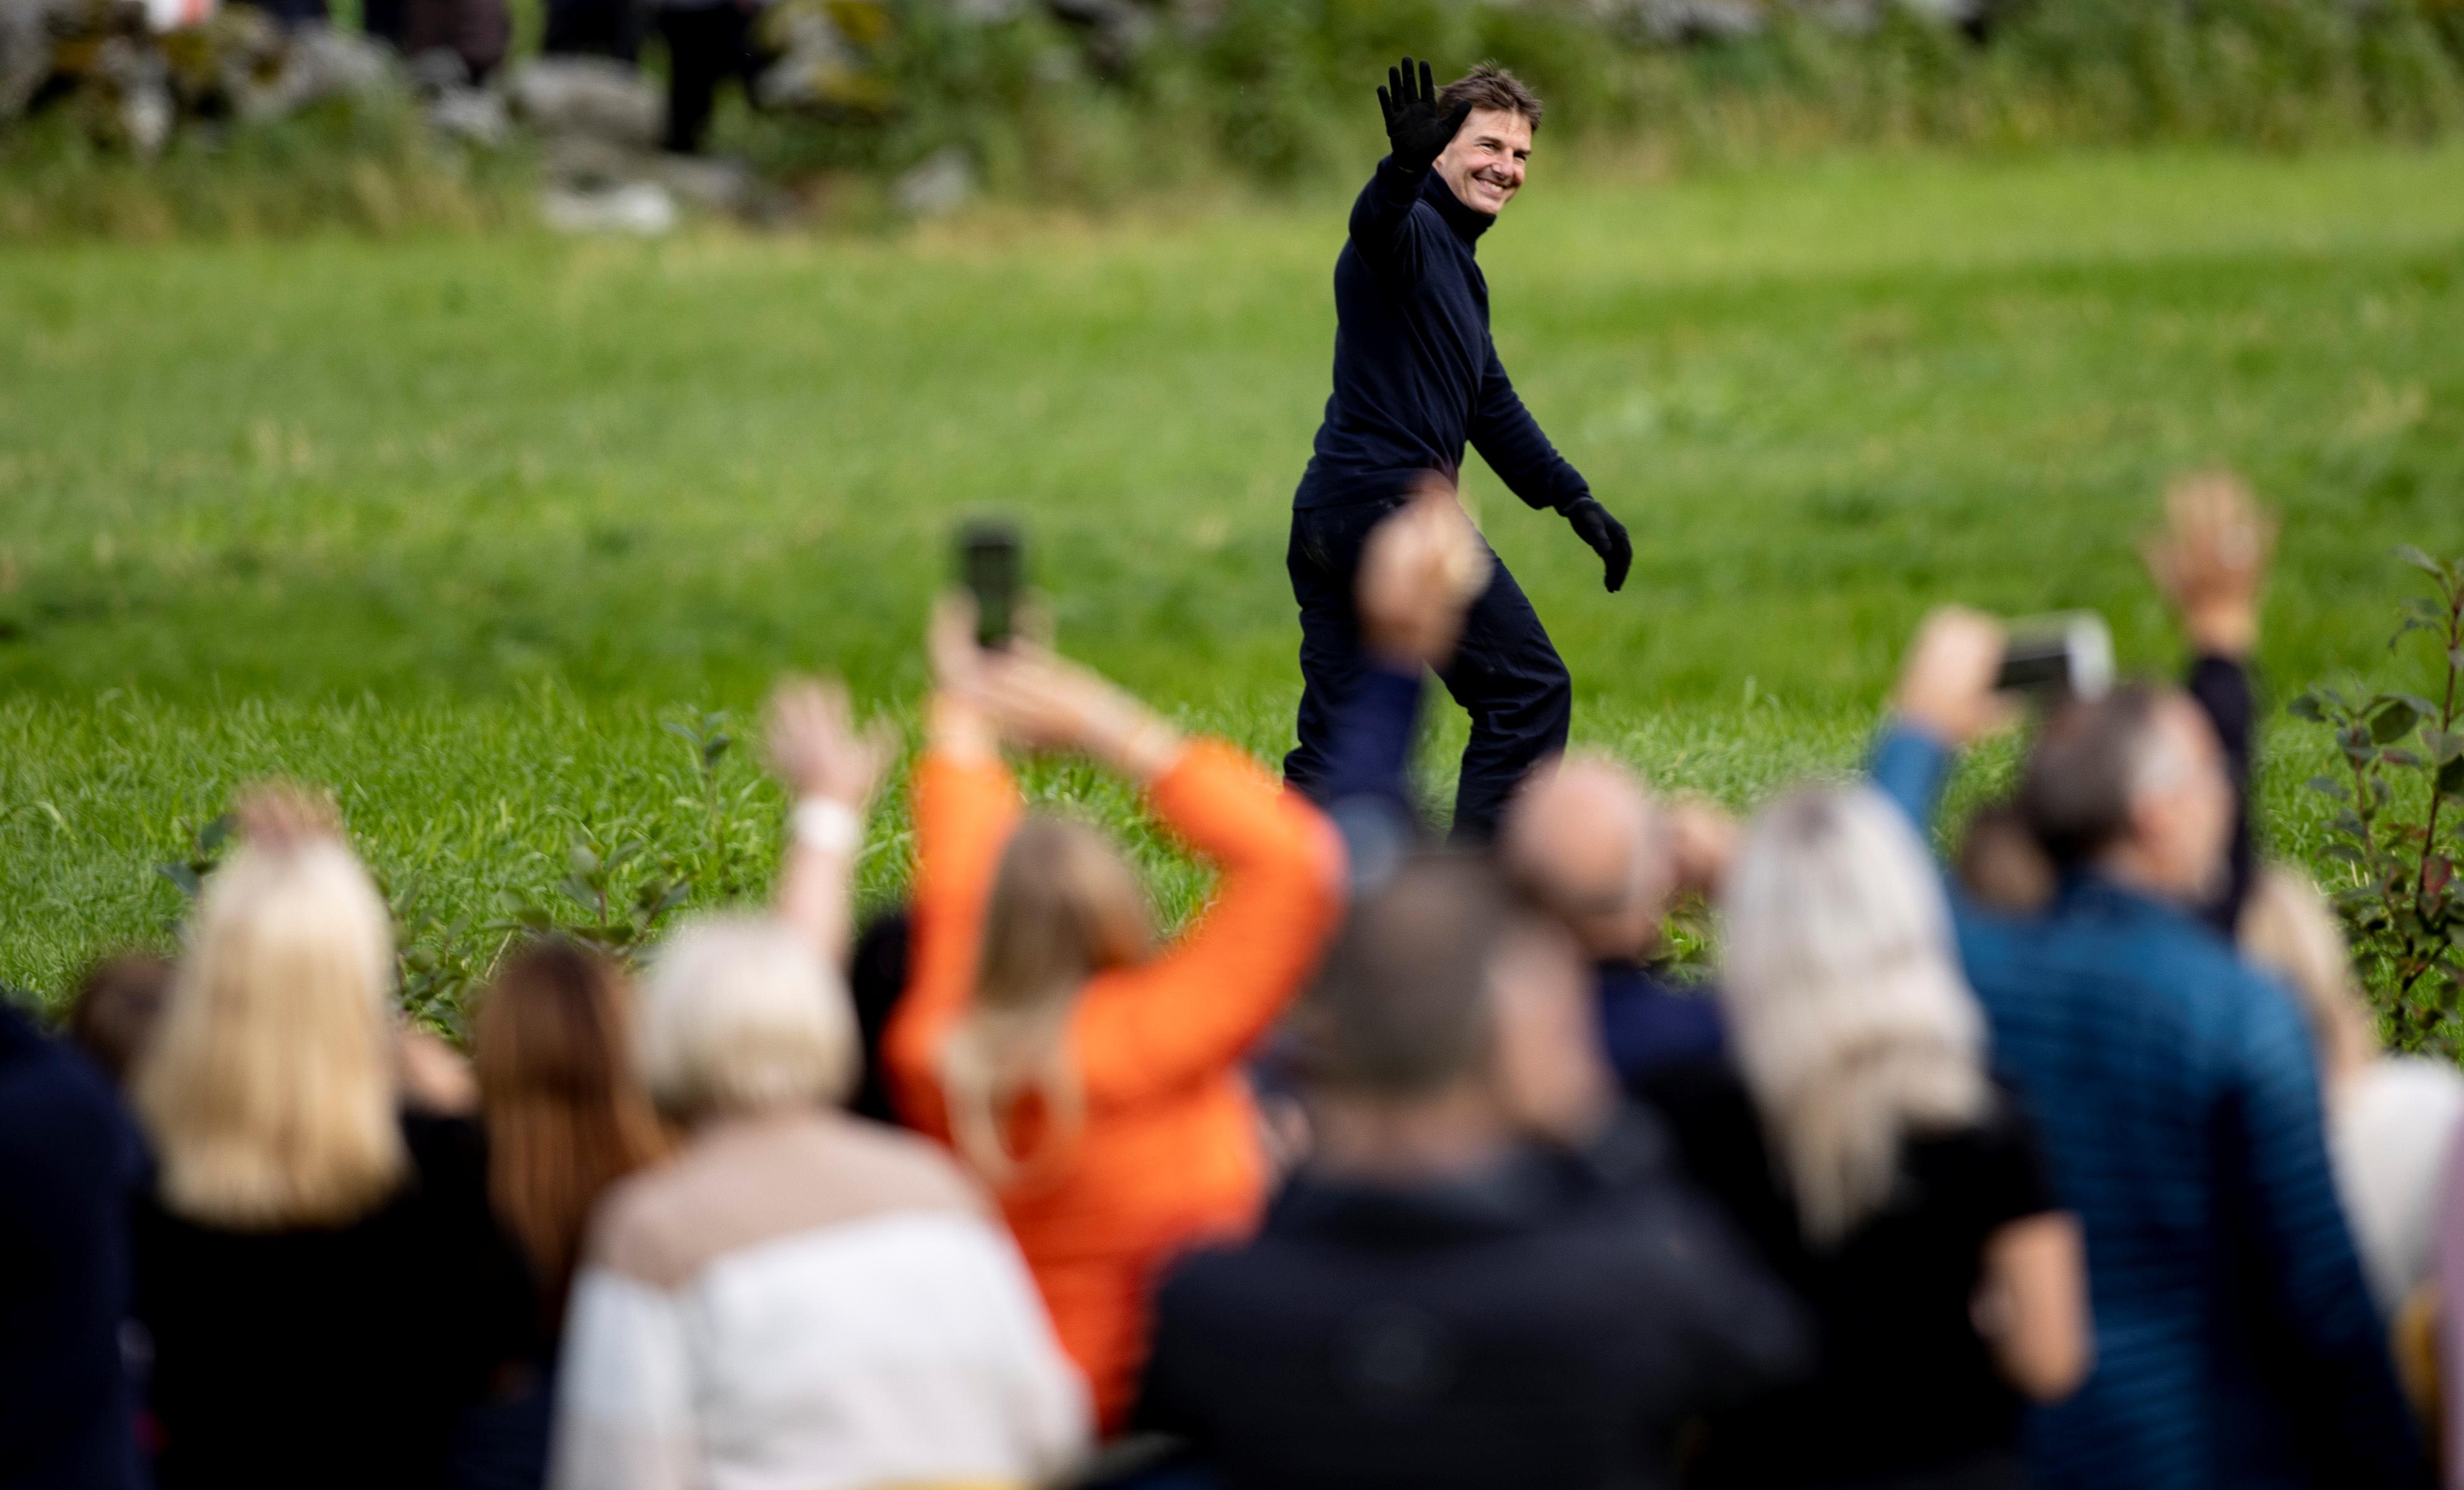 """El impactante video de Tom Cruise saltando al vacío en una moto en el  rodaje de """"Misión imposible 7"""" - Infobae"""